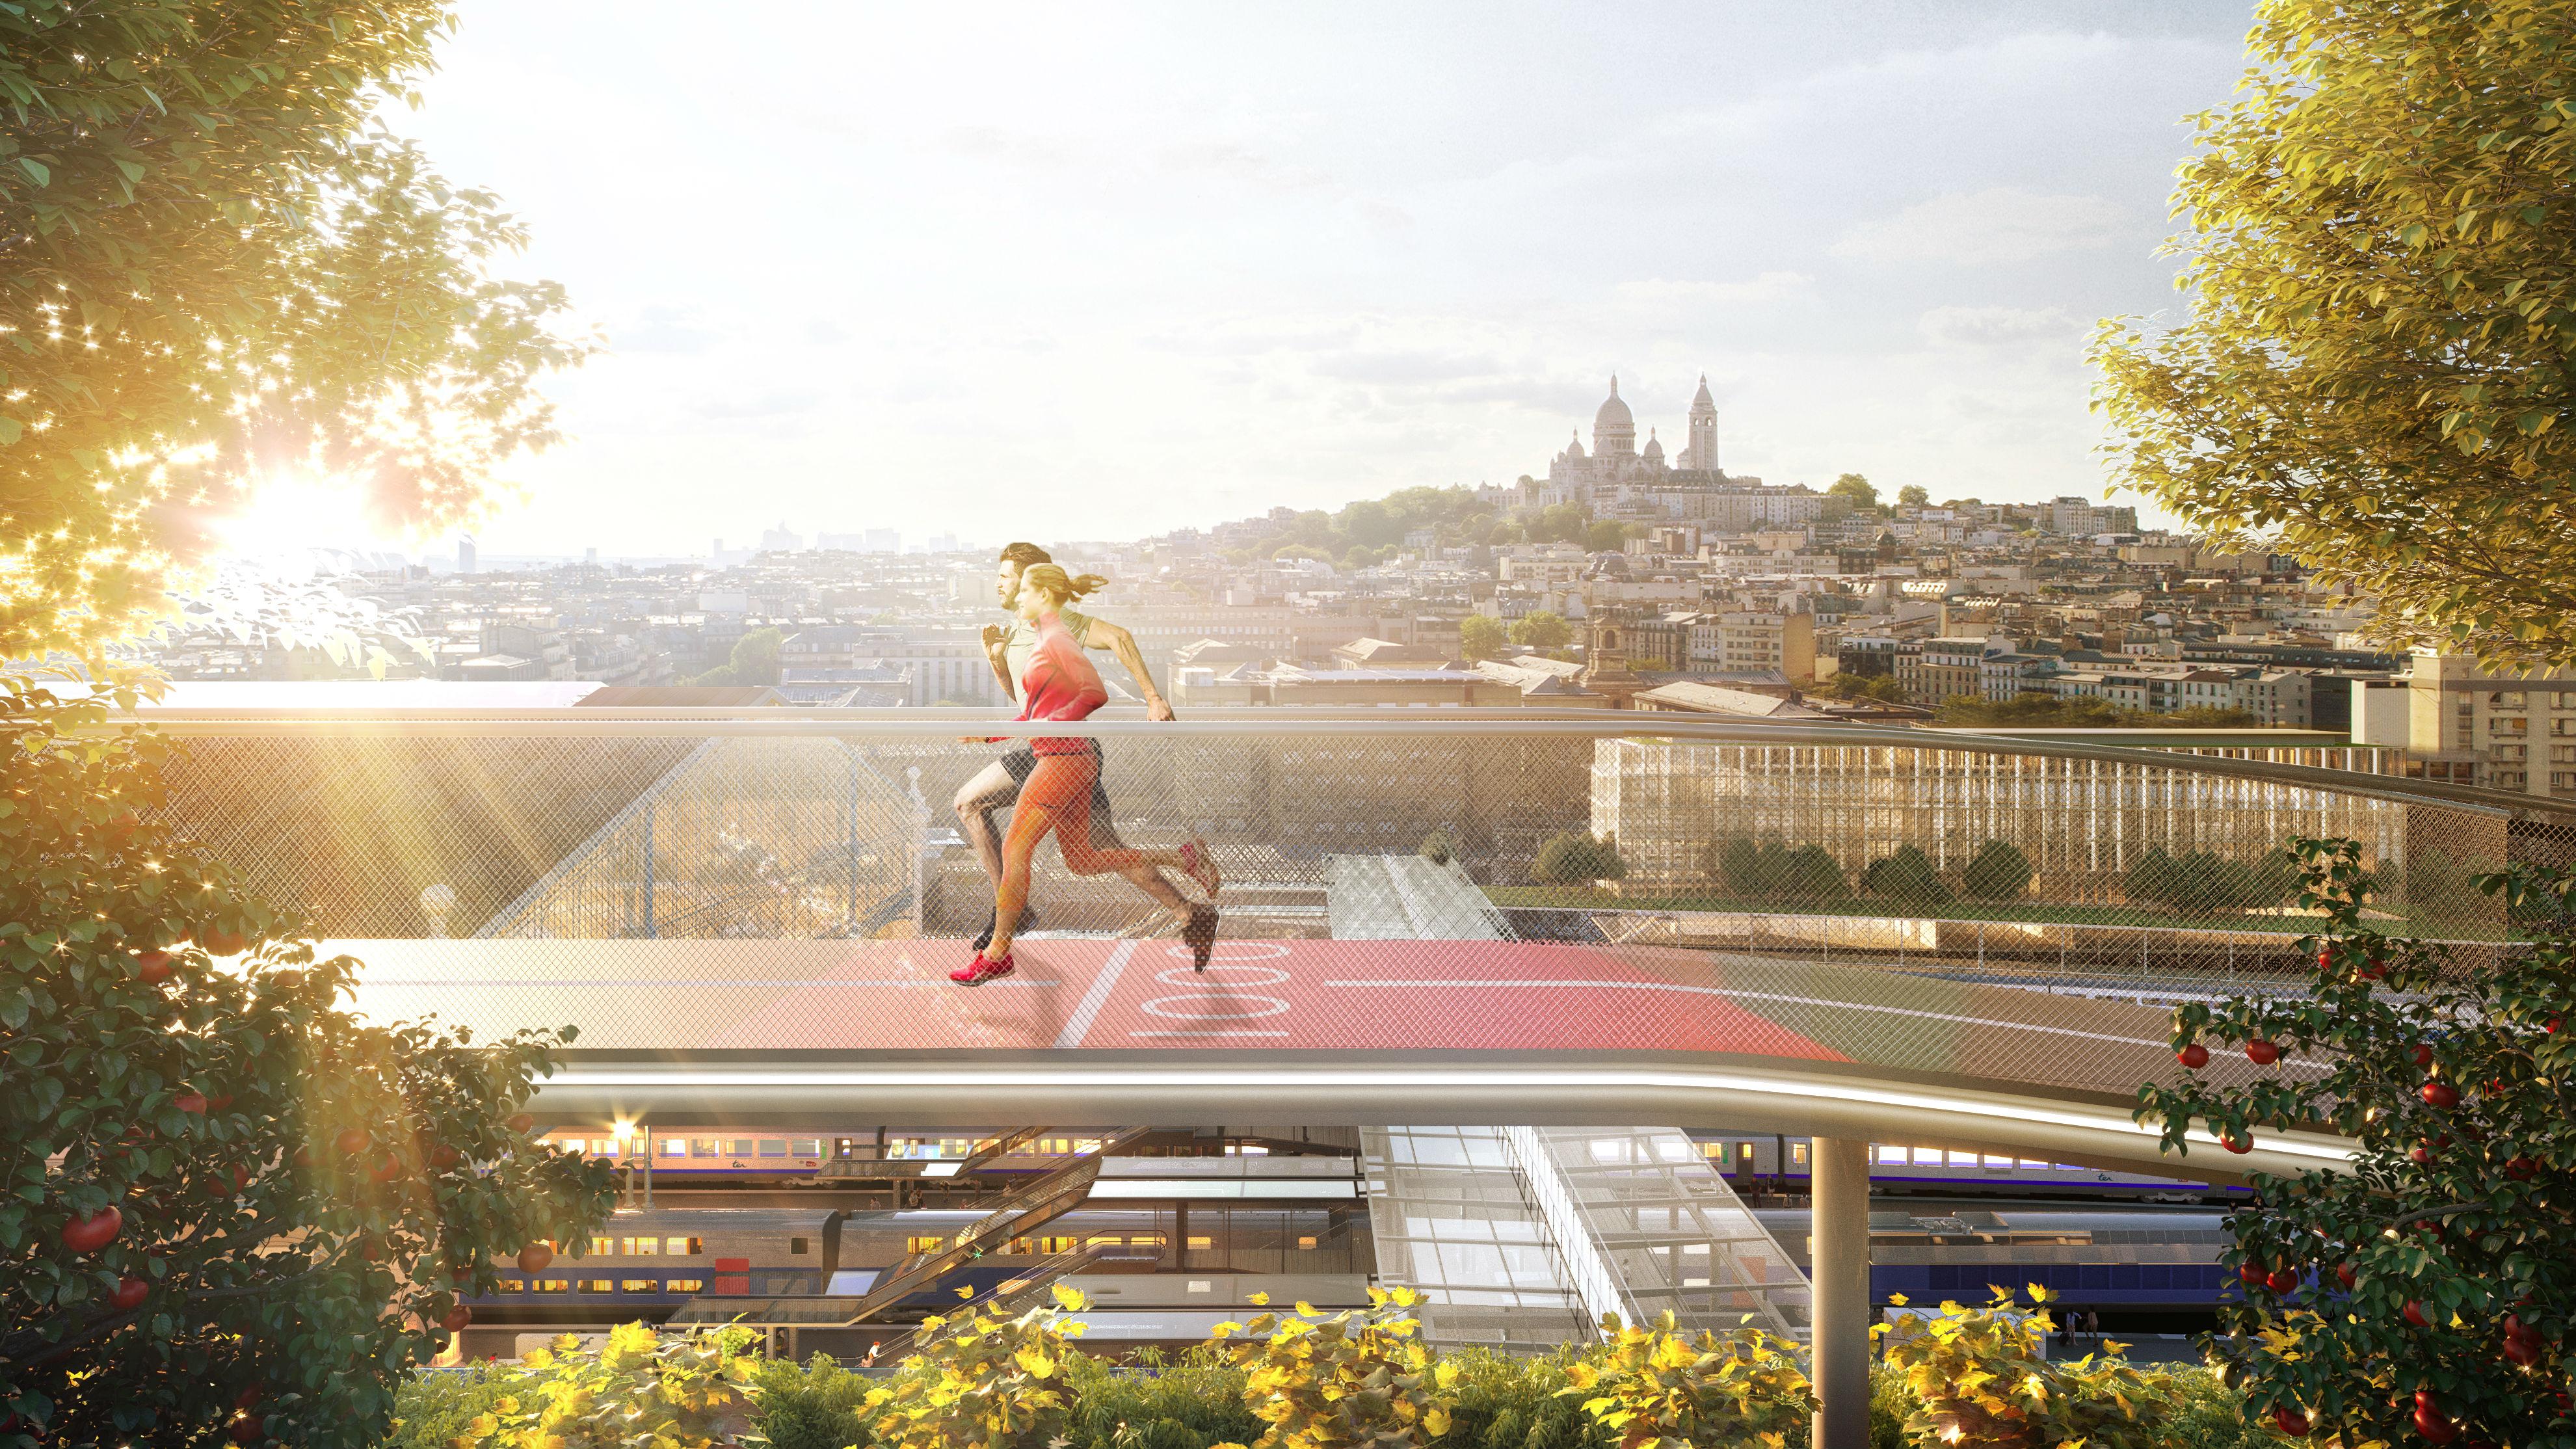 SNCF Gares&Connexions - Ceetrus - Valode & Pistre Architectes